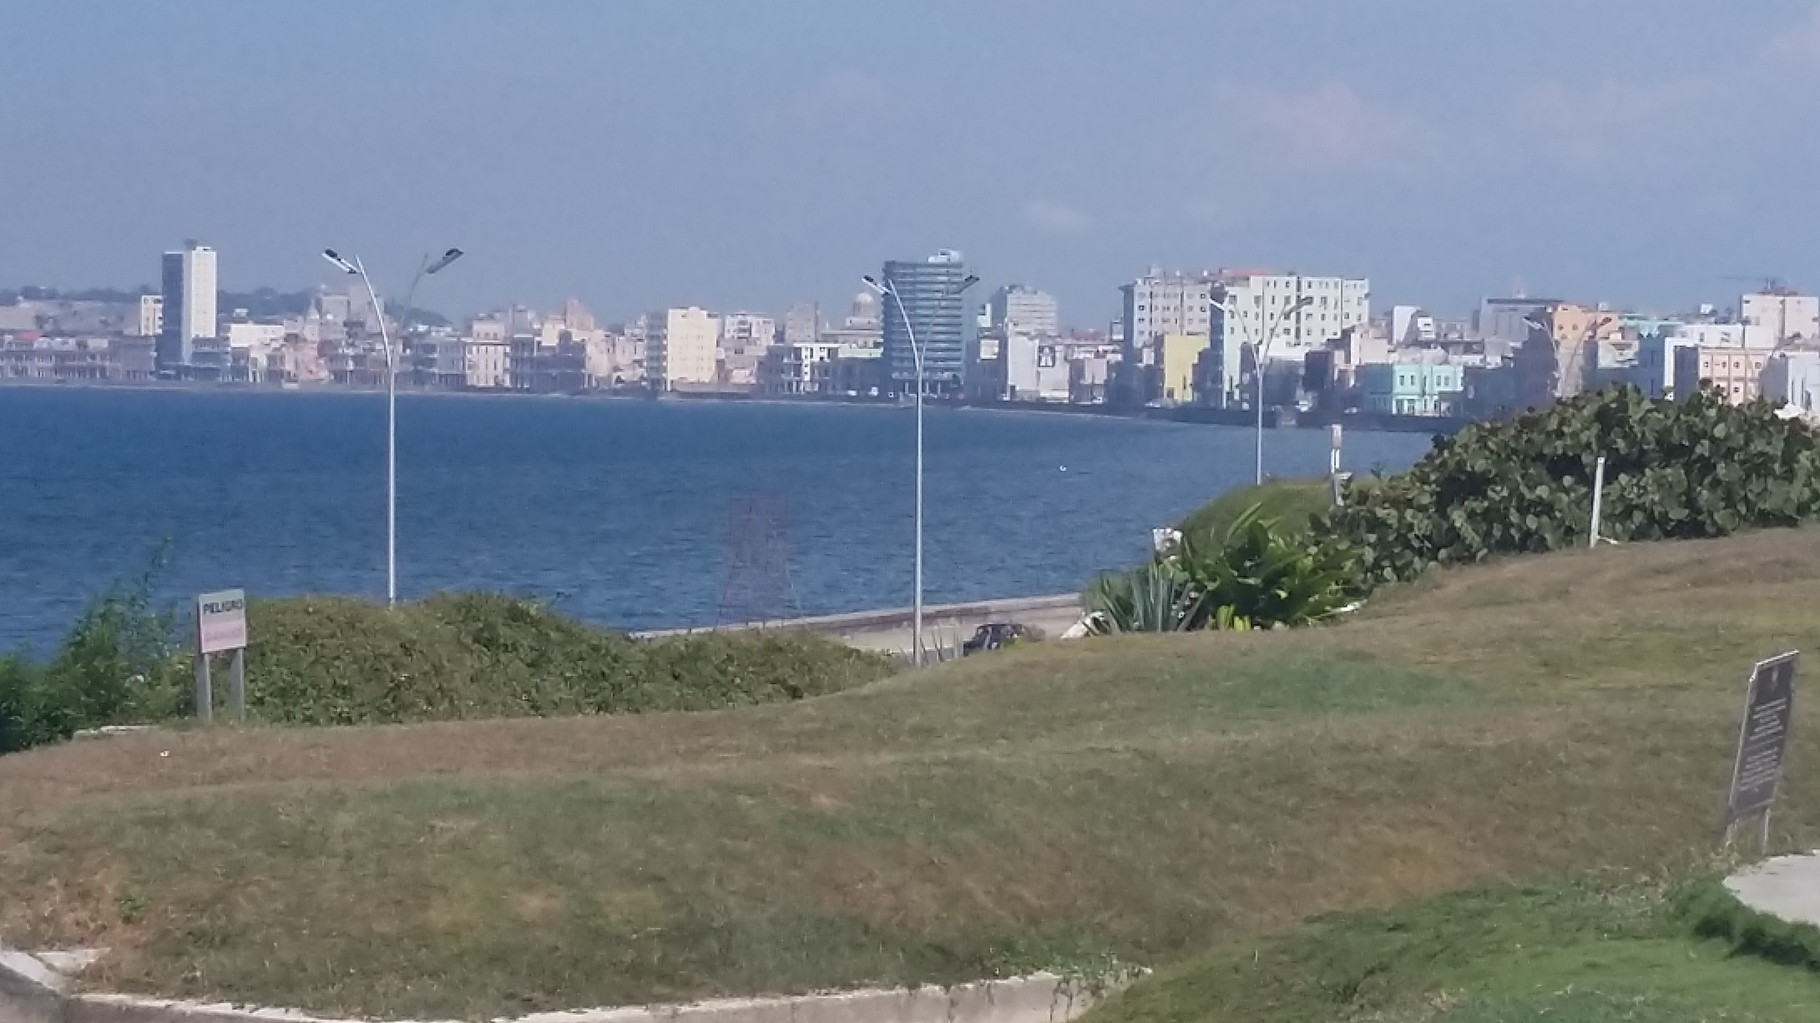 Vista panorámica del malecón de La Habana.